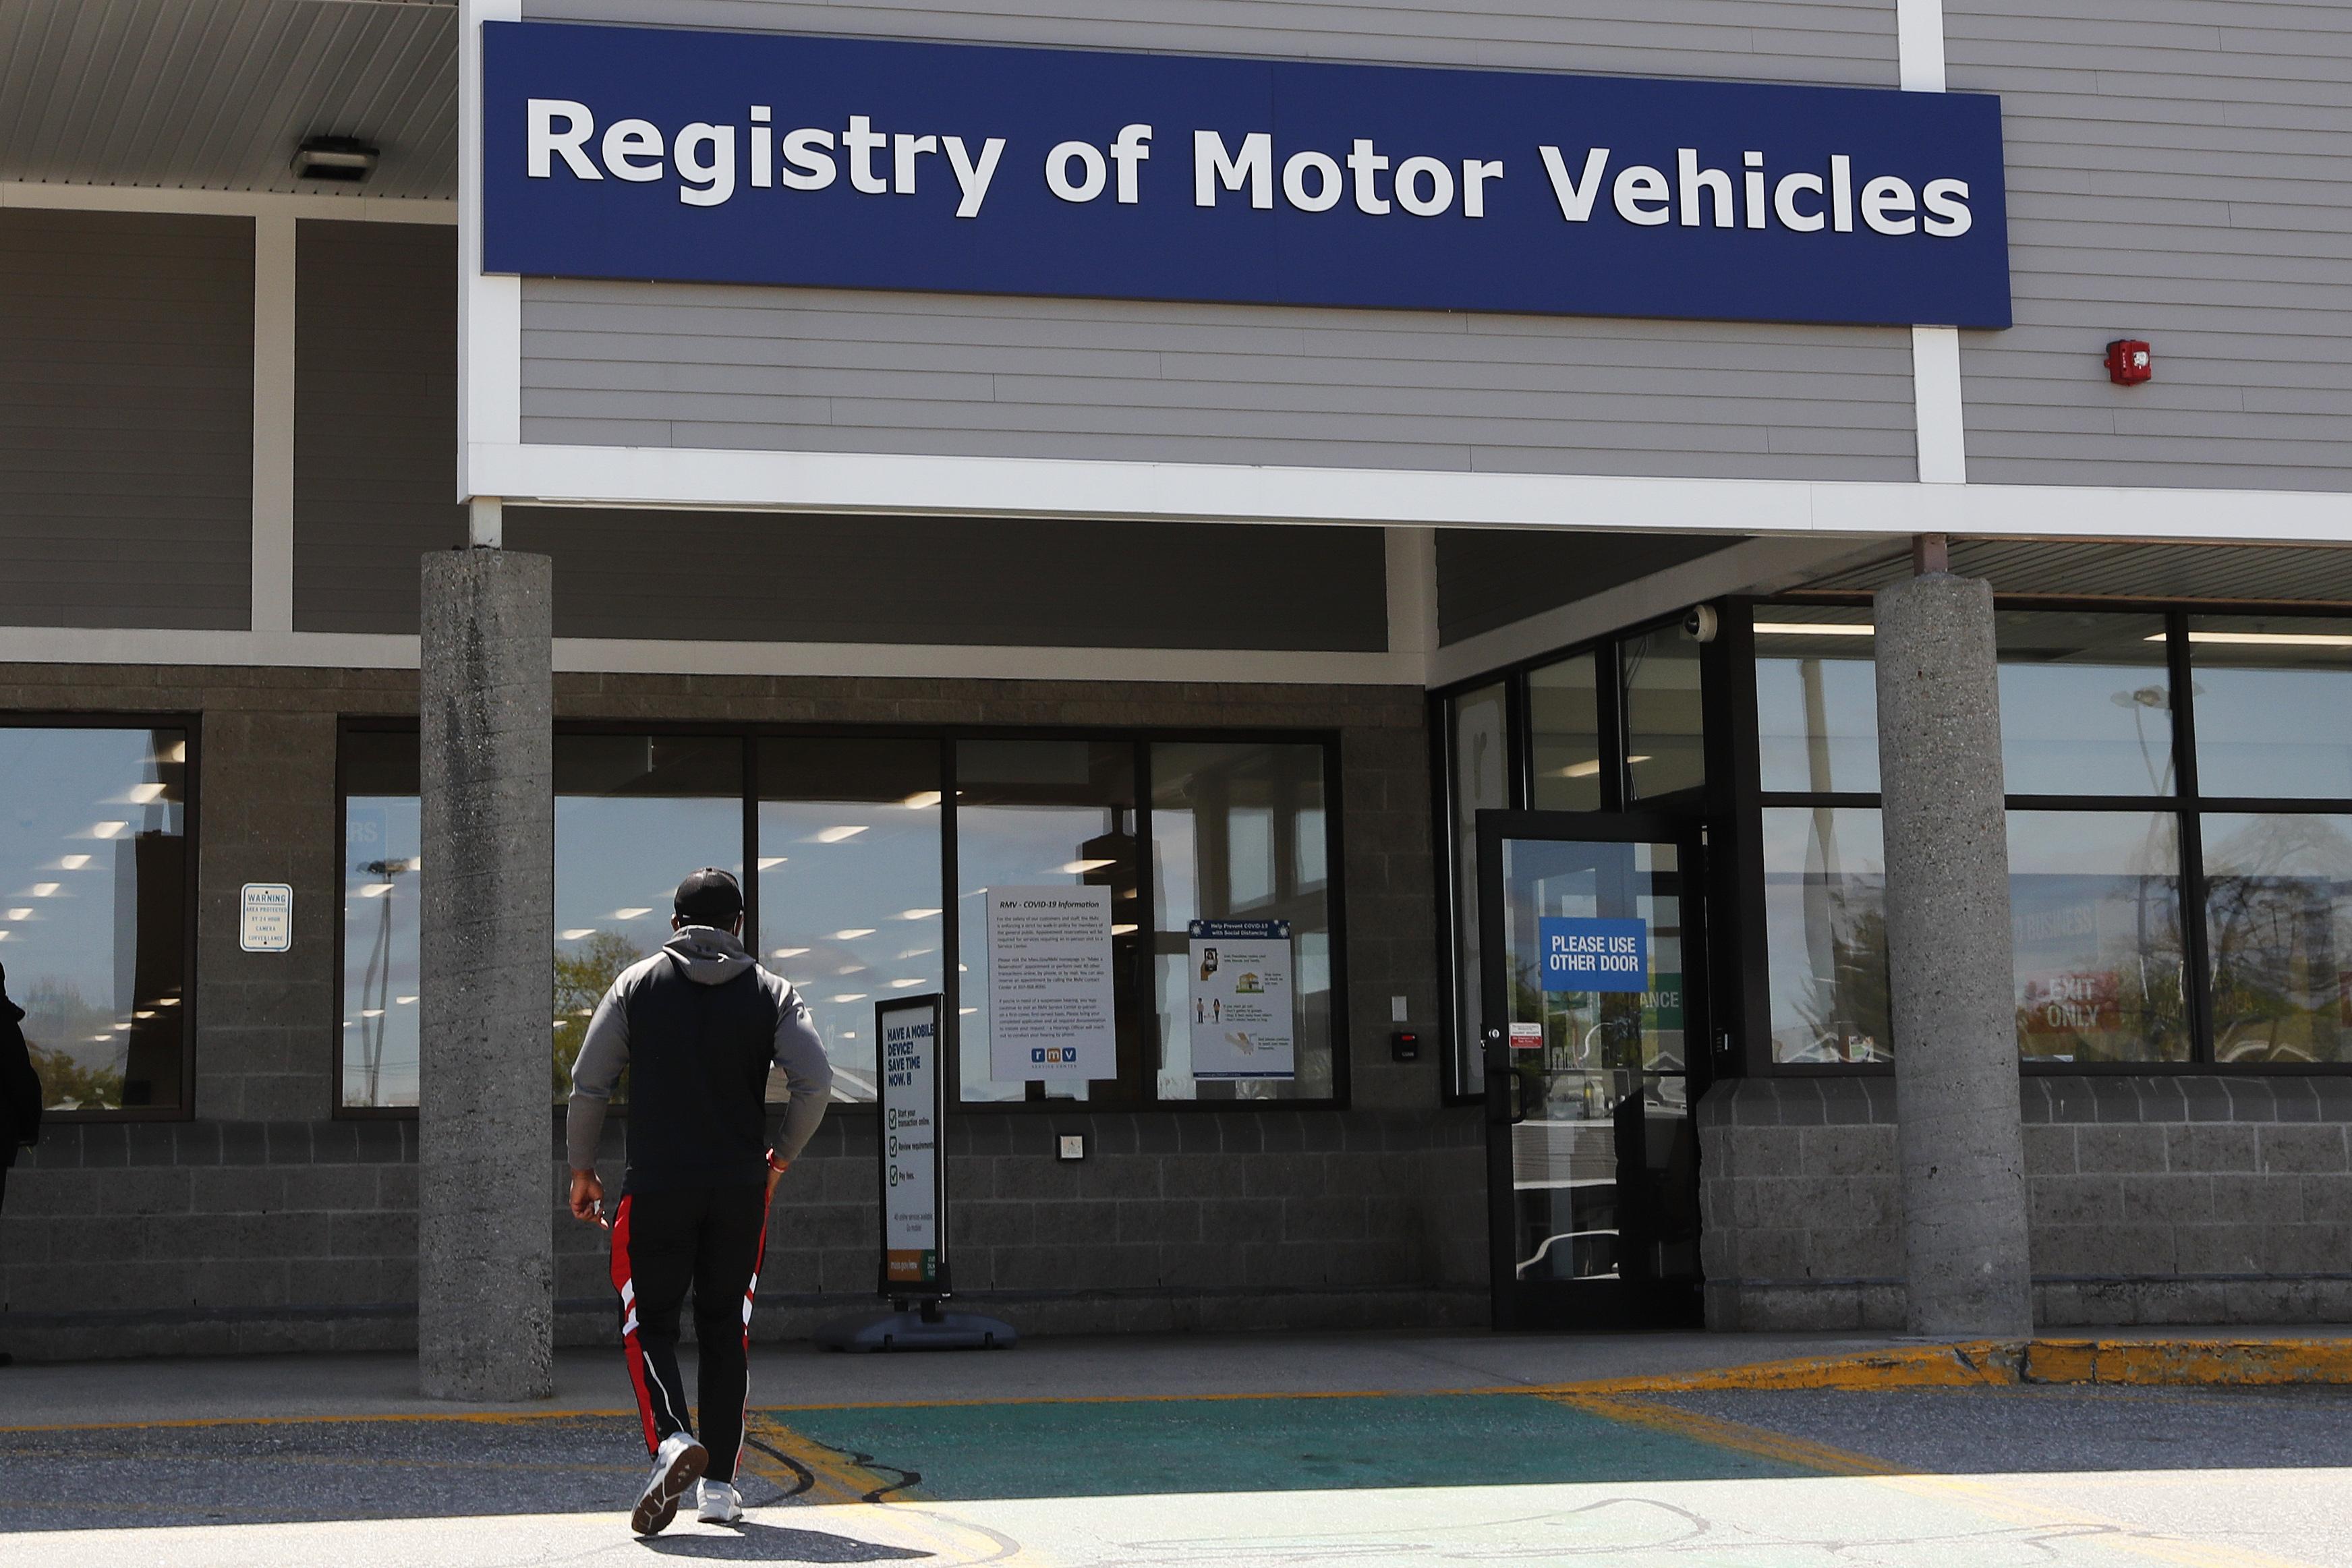 Massachusetts Registry of Motor Vehicles extending dedicated hours